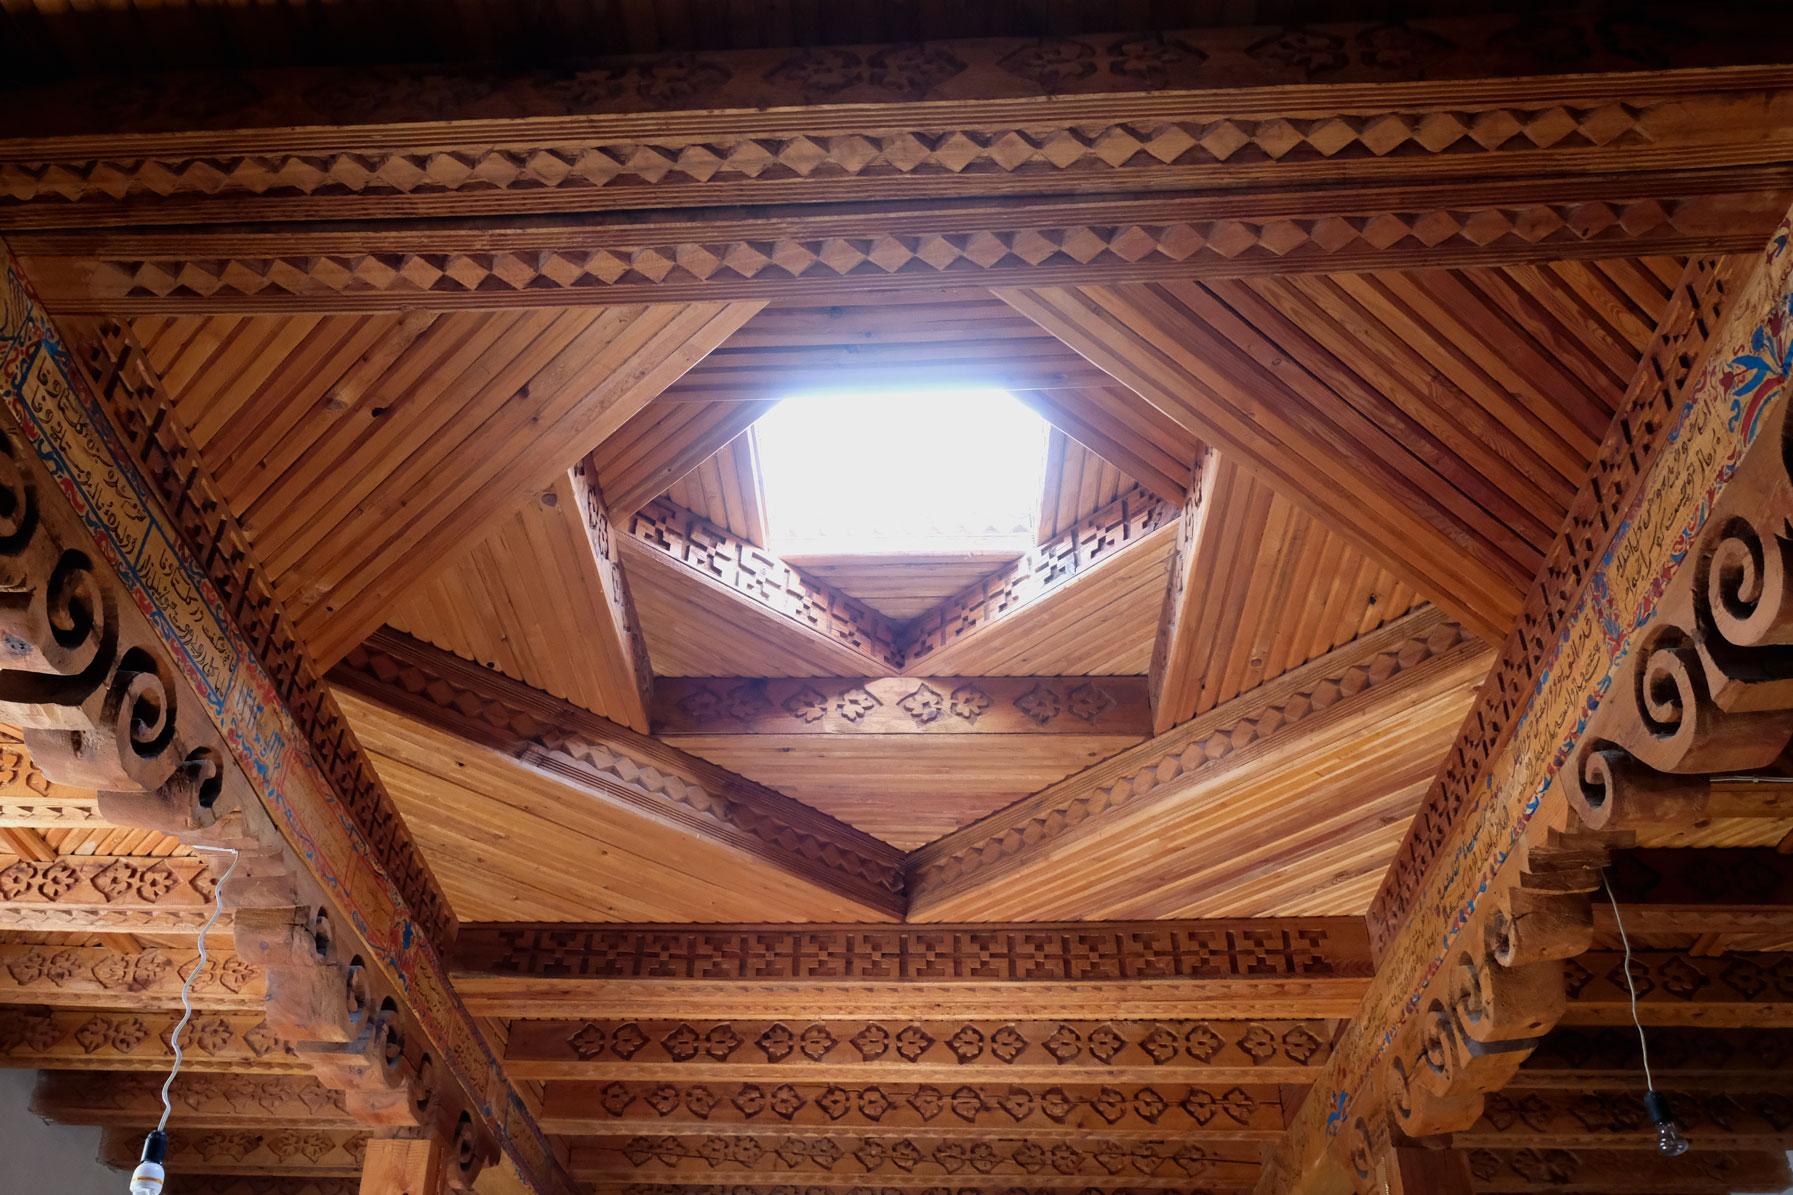 Holzdecke mit Fenster in einem Pamirhaus.